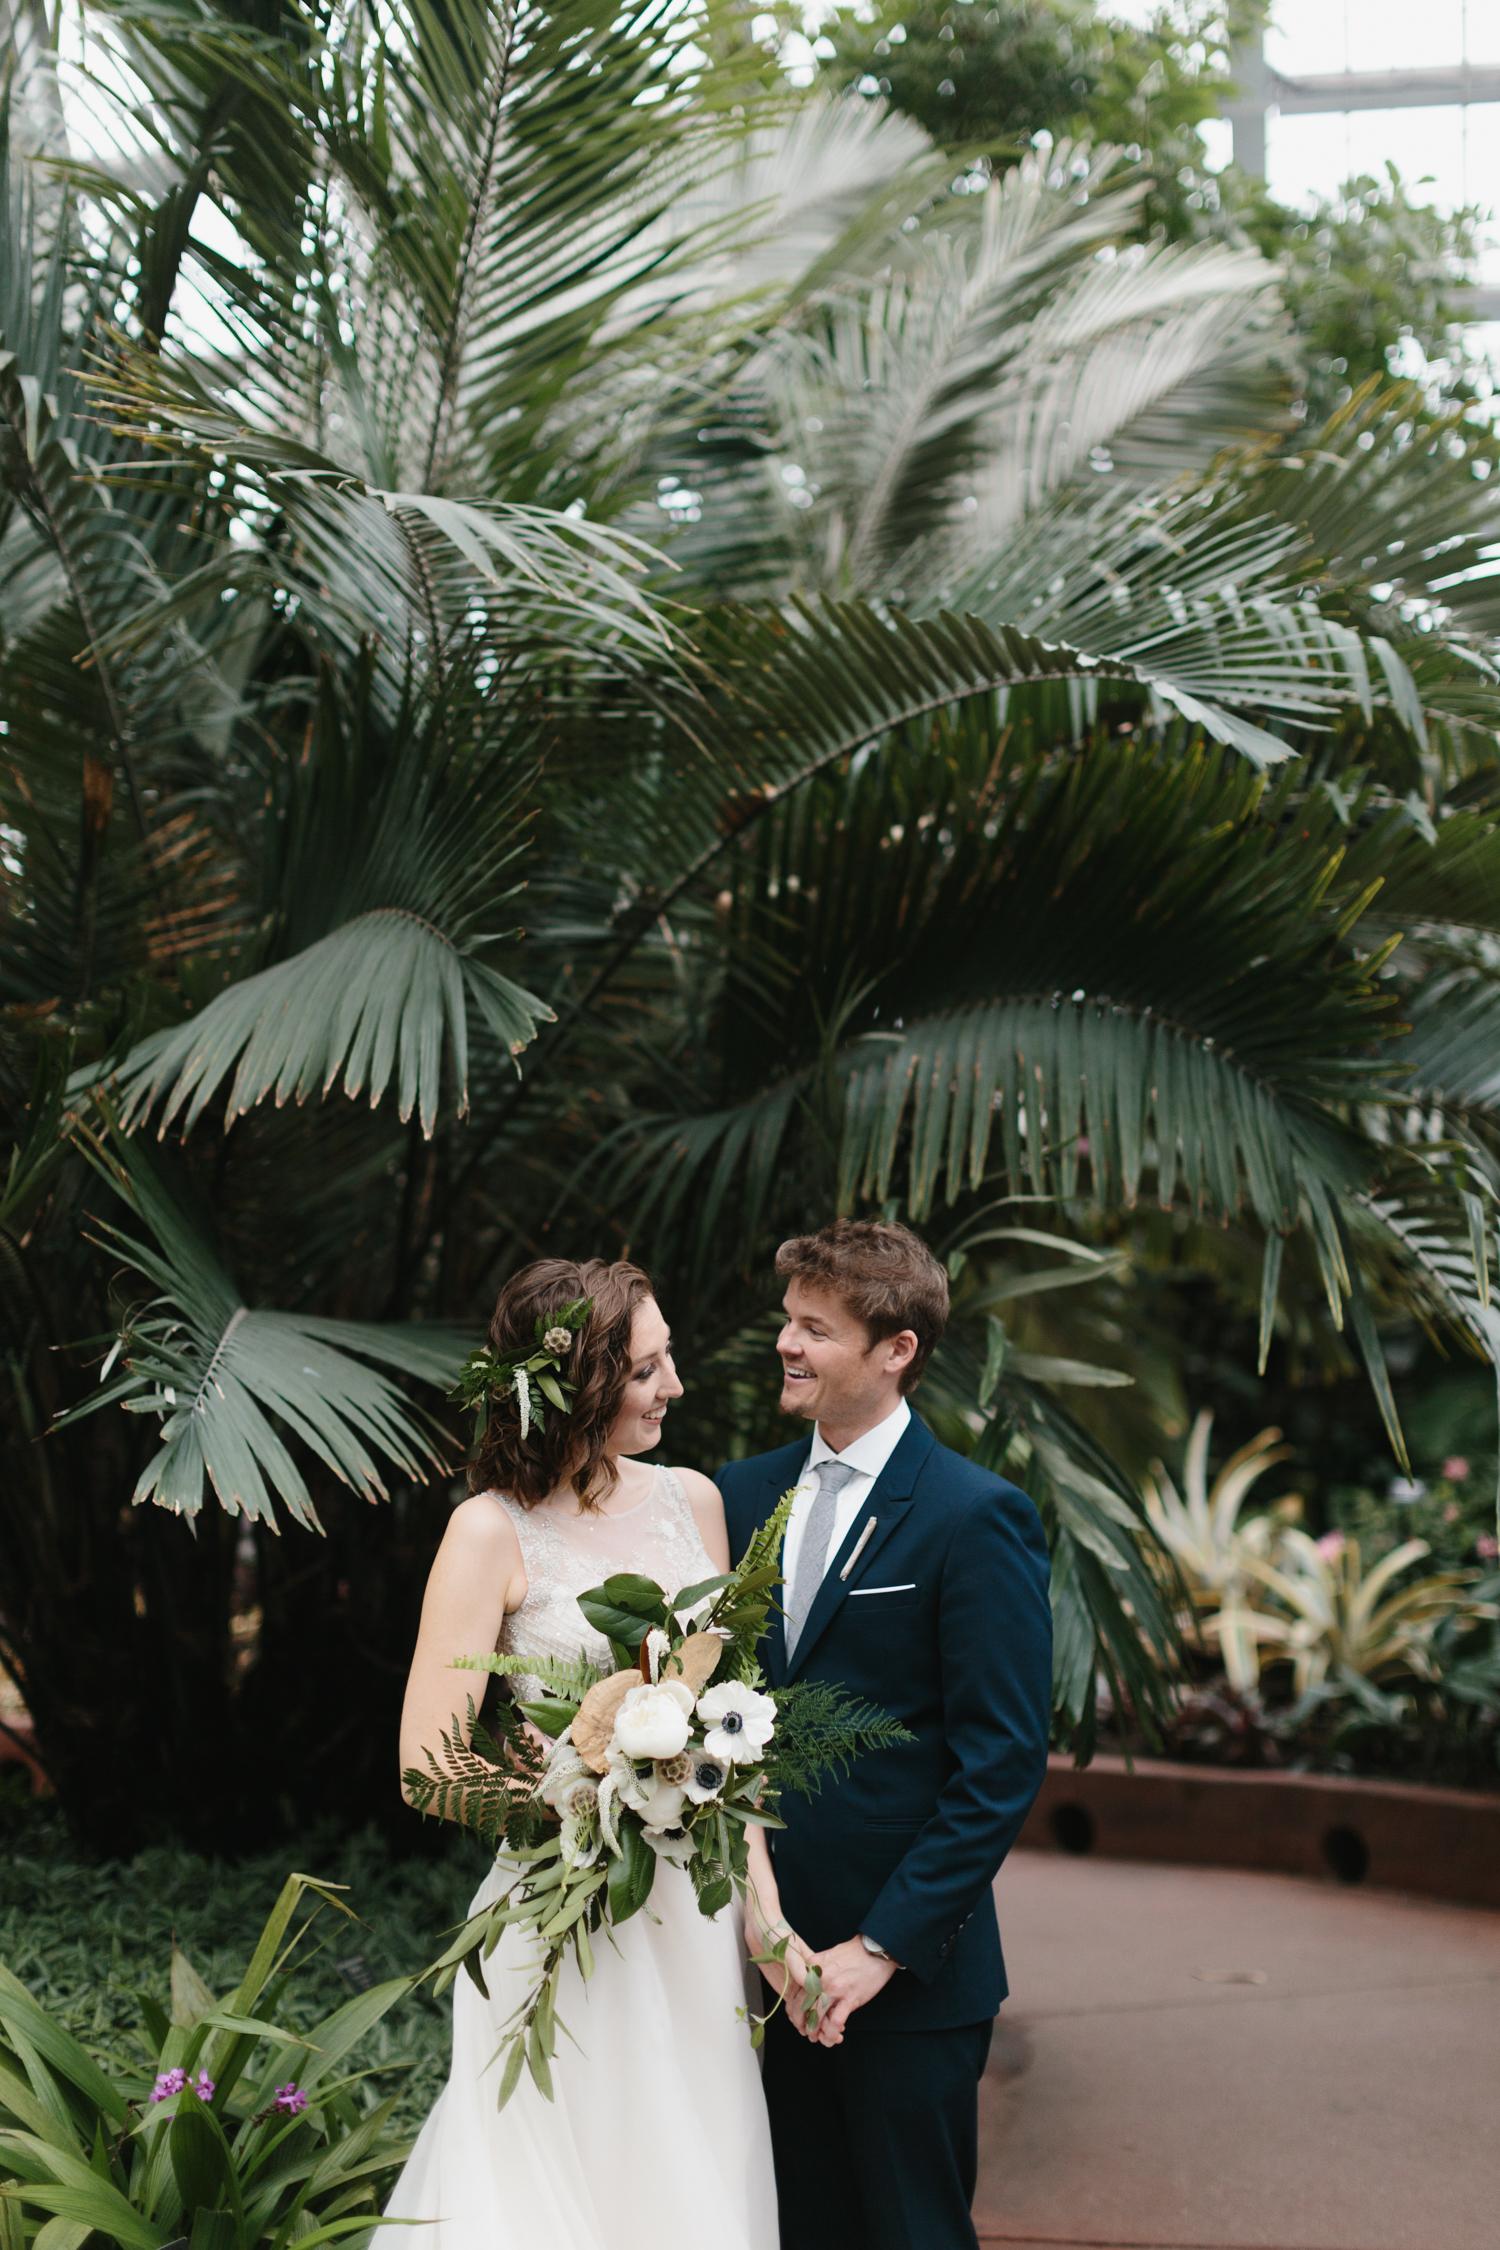 Chicago Garfield Park Conservatory Wedding by Northern Michigan Photographer Mae Stier-094.jpg